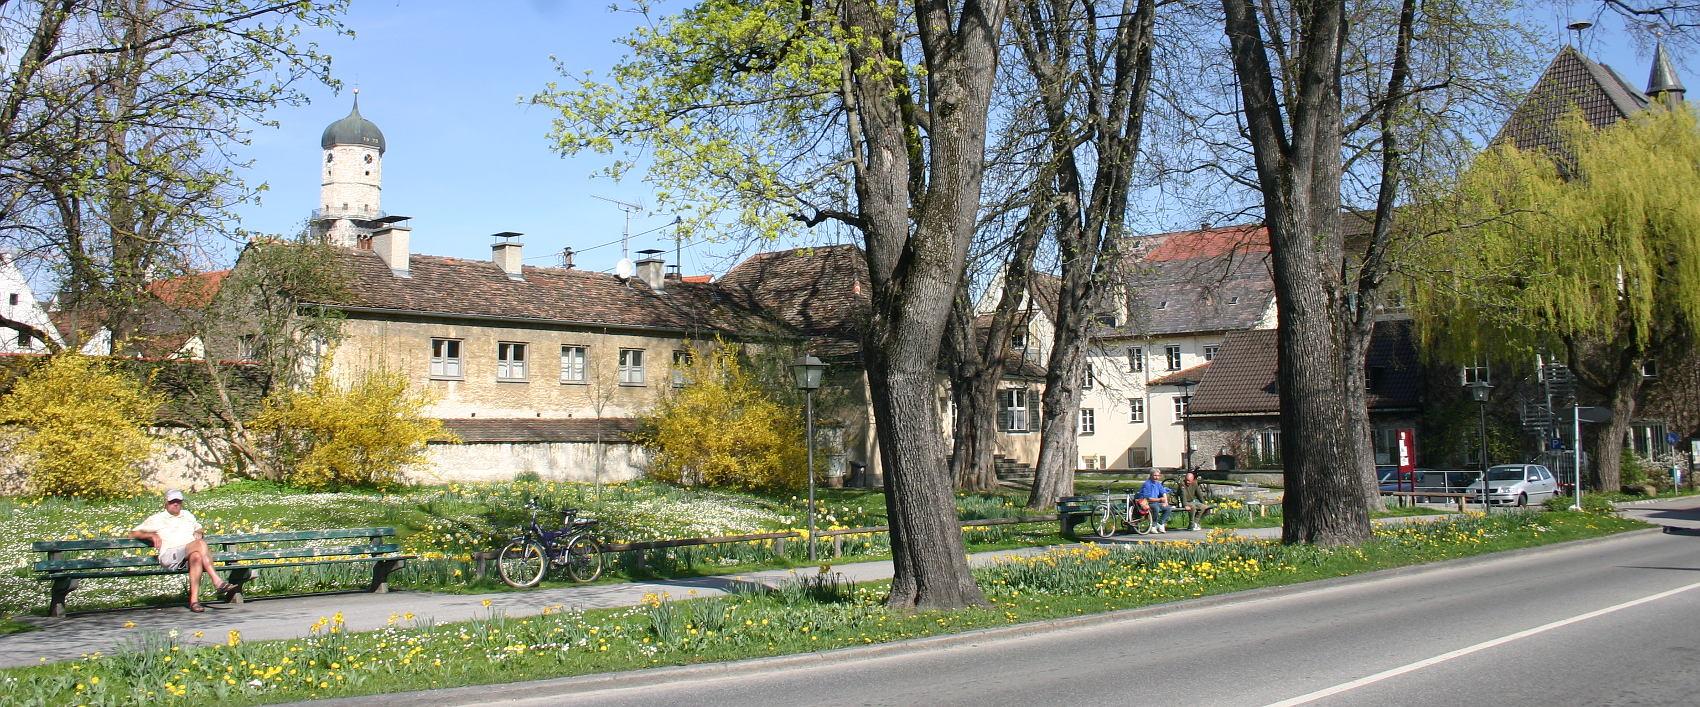 Radtour Weilheim Bernried Seeshaupt